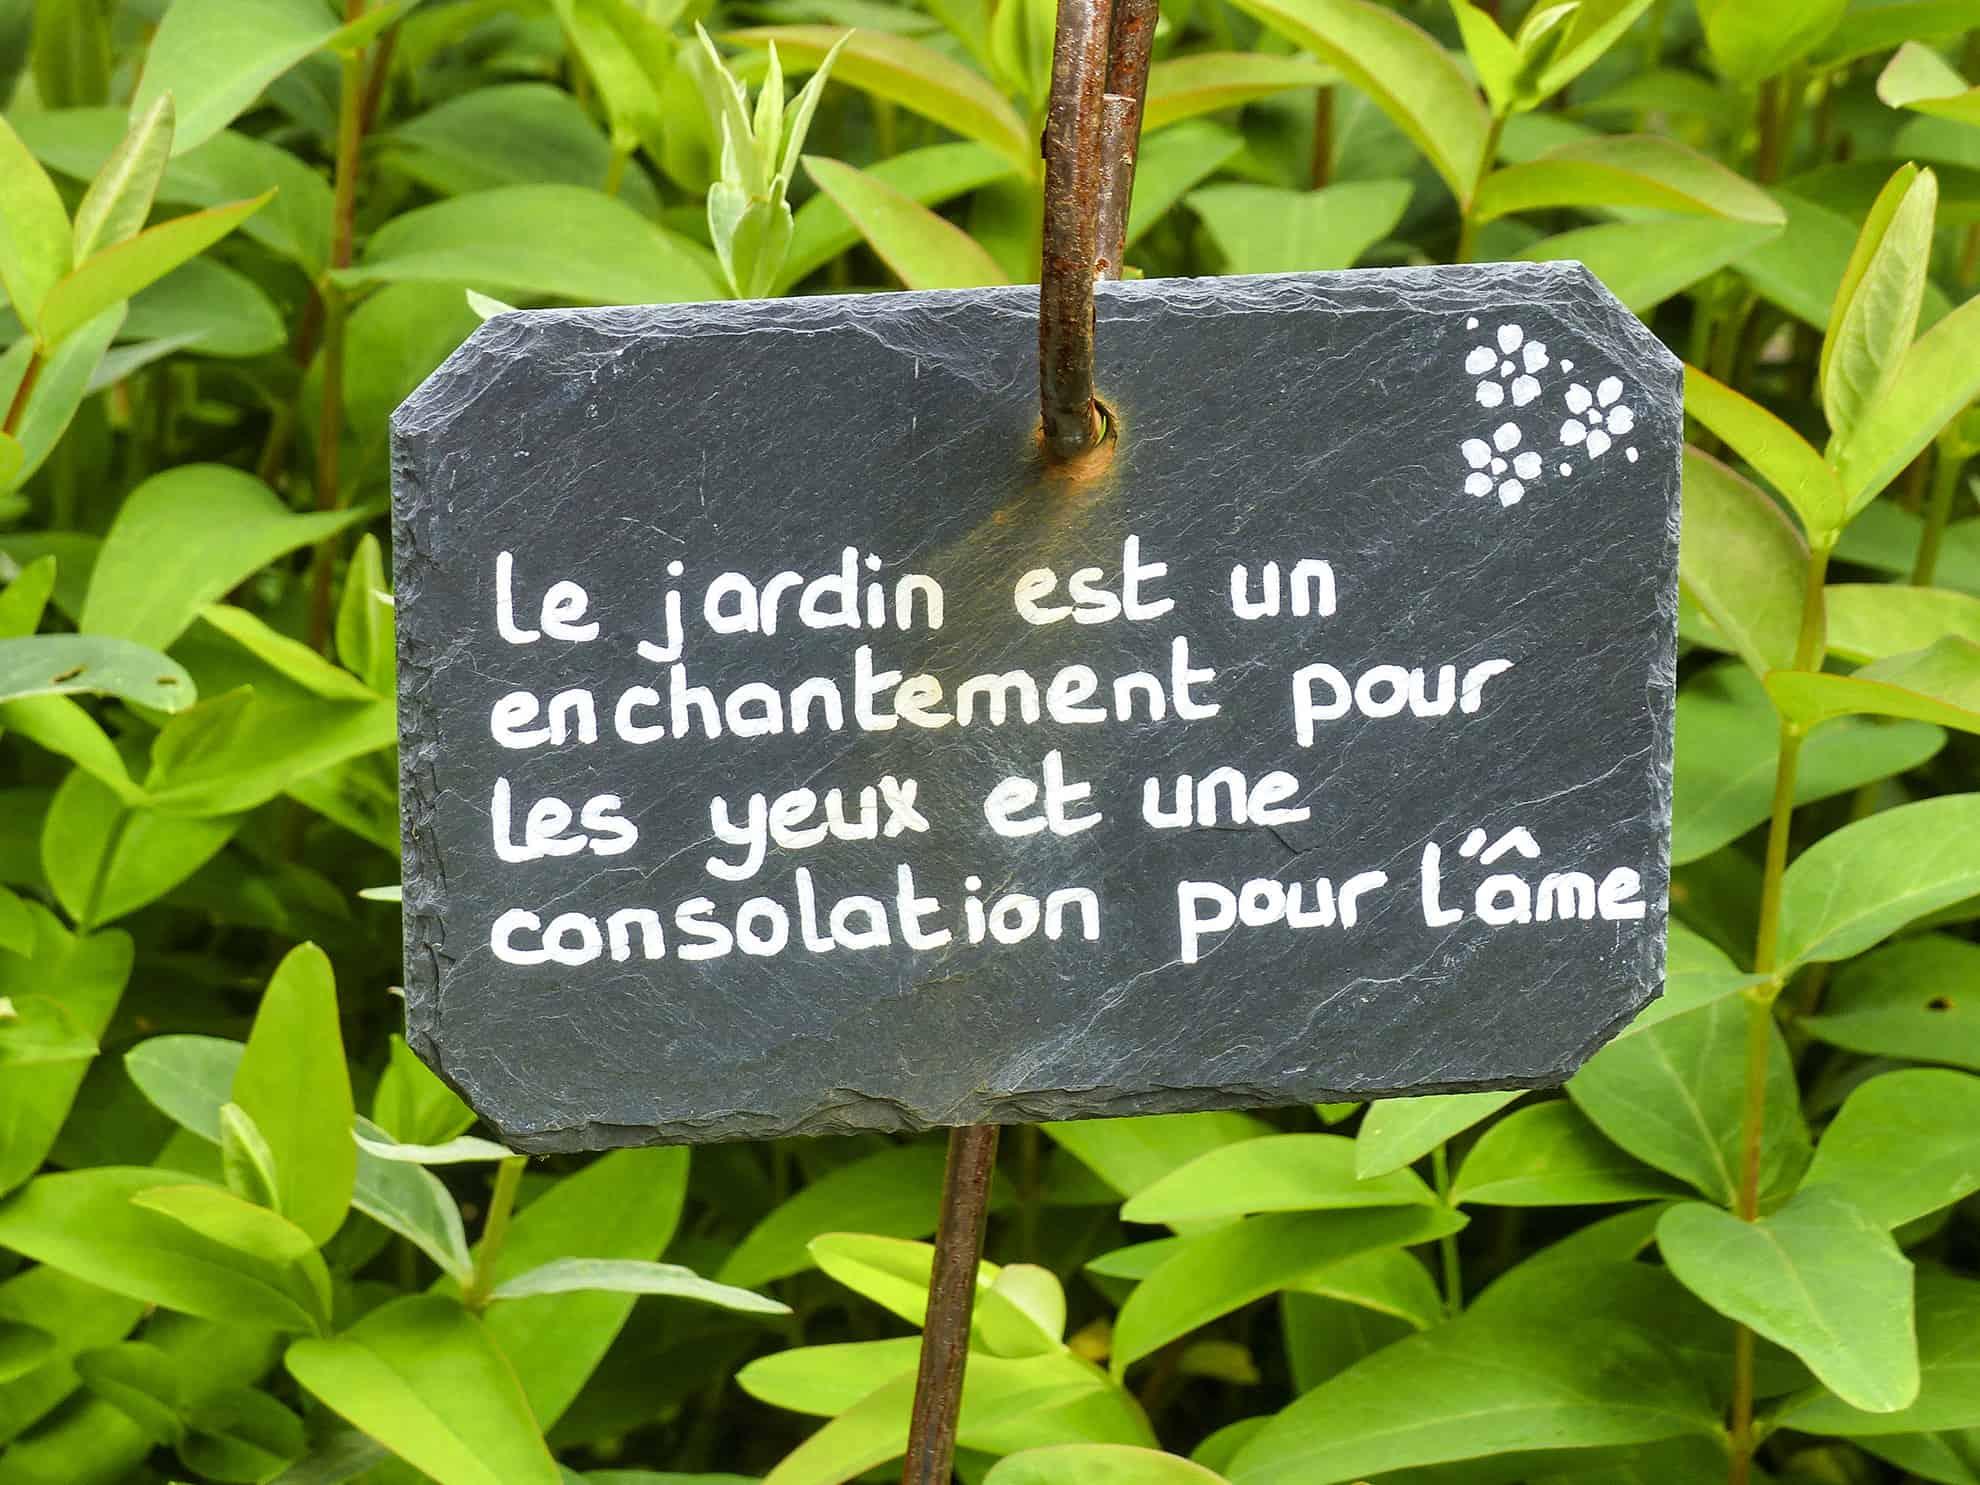 Le Jardin - Enchantement des sens